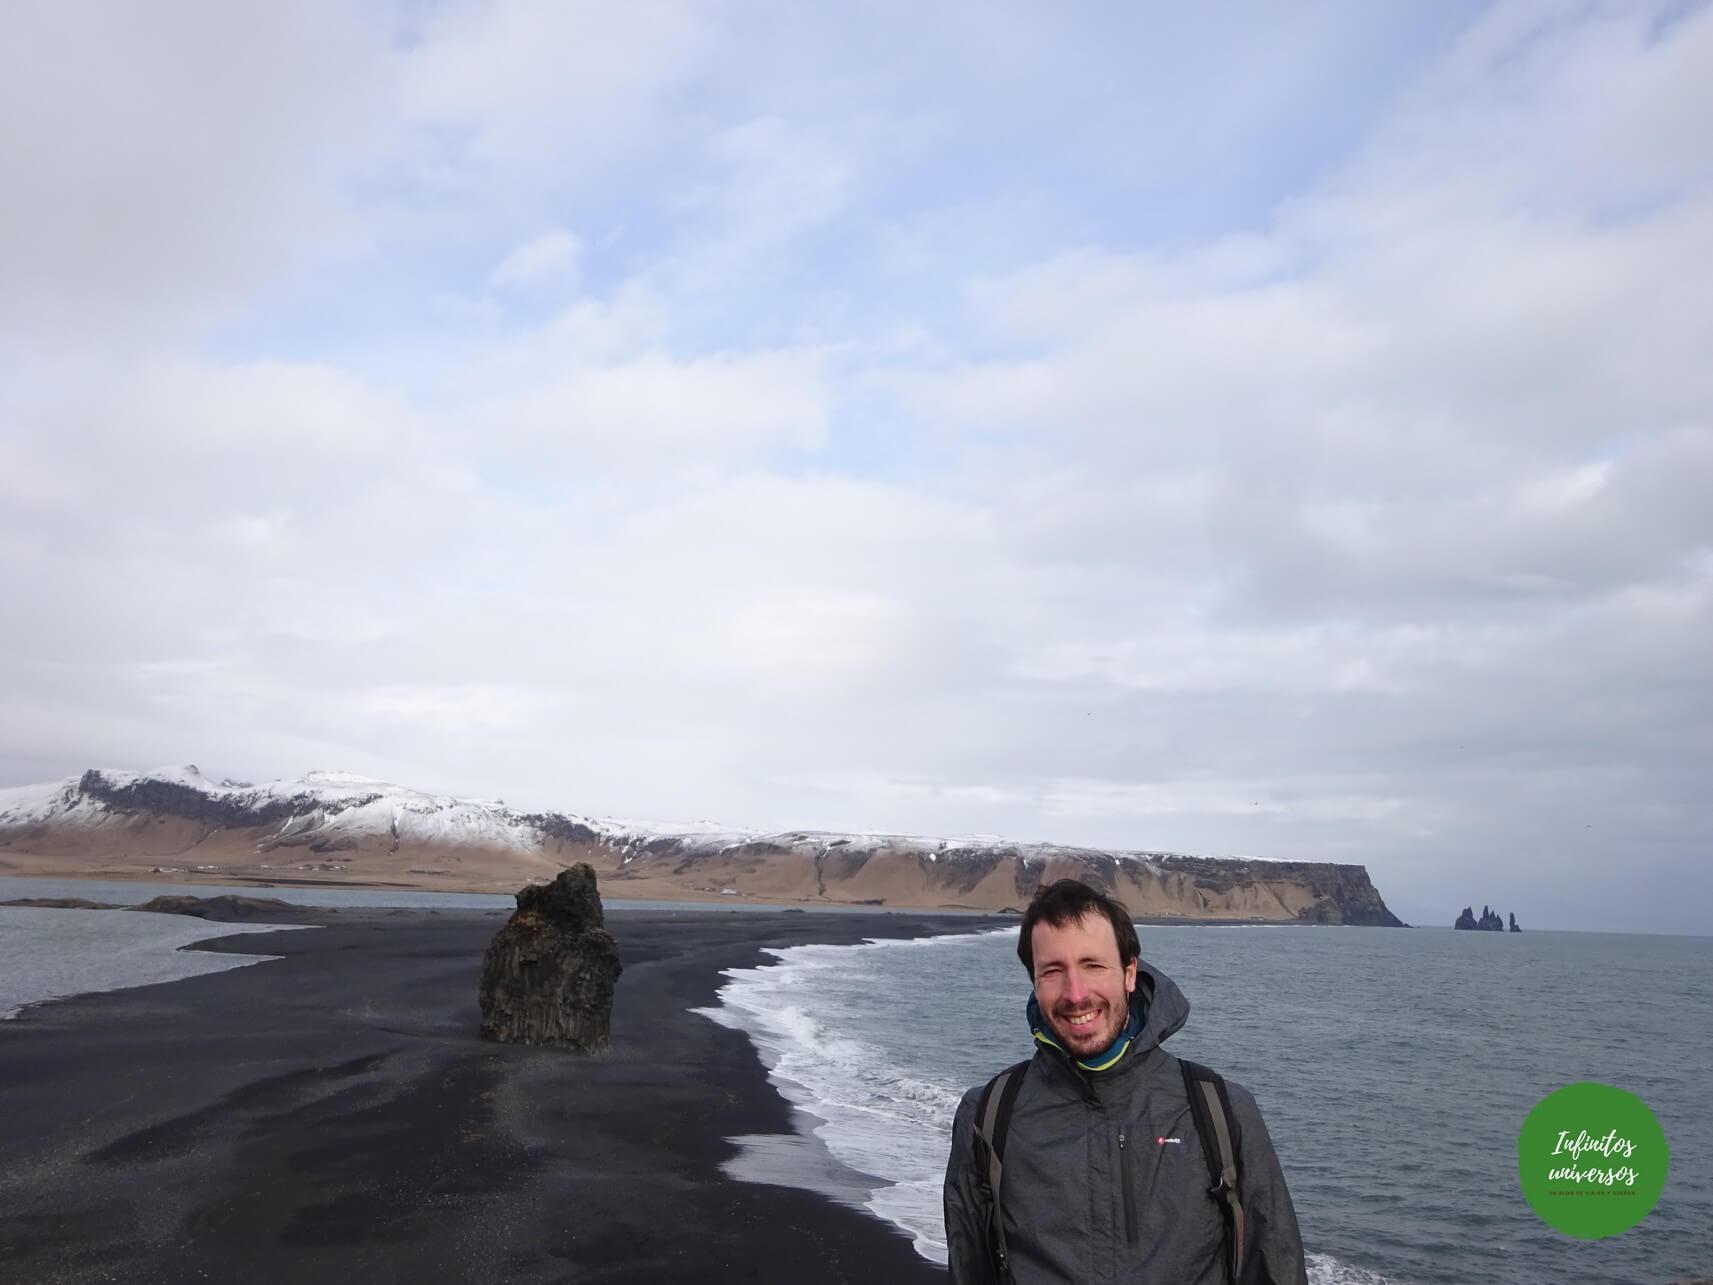 Que ver en Vik islandia: acantilado Dyrhólaey y la playa de arena negra Reynisfjara dyrhólaey vik islandia